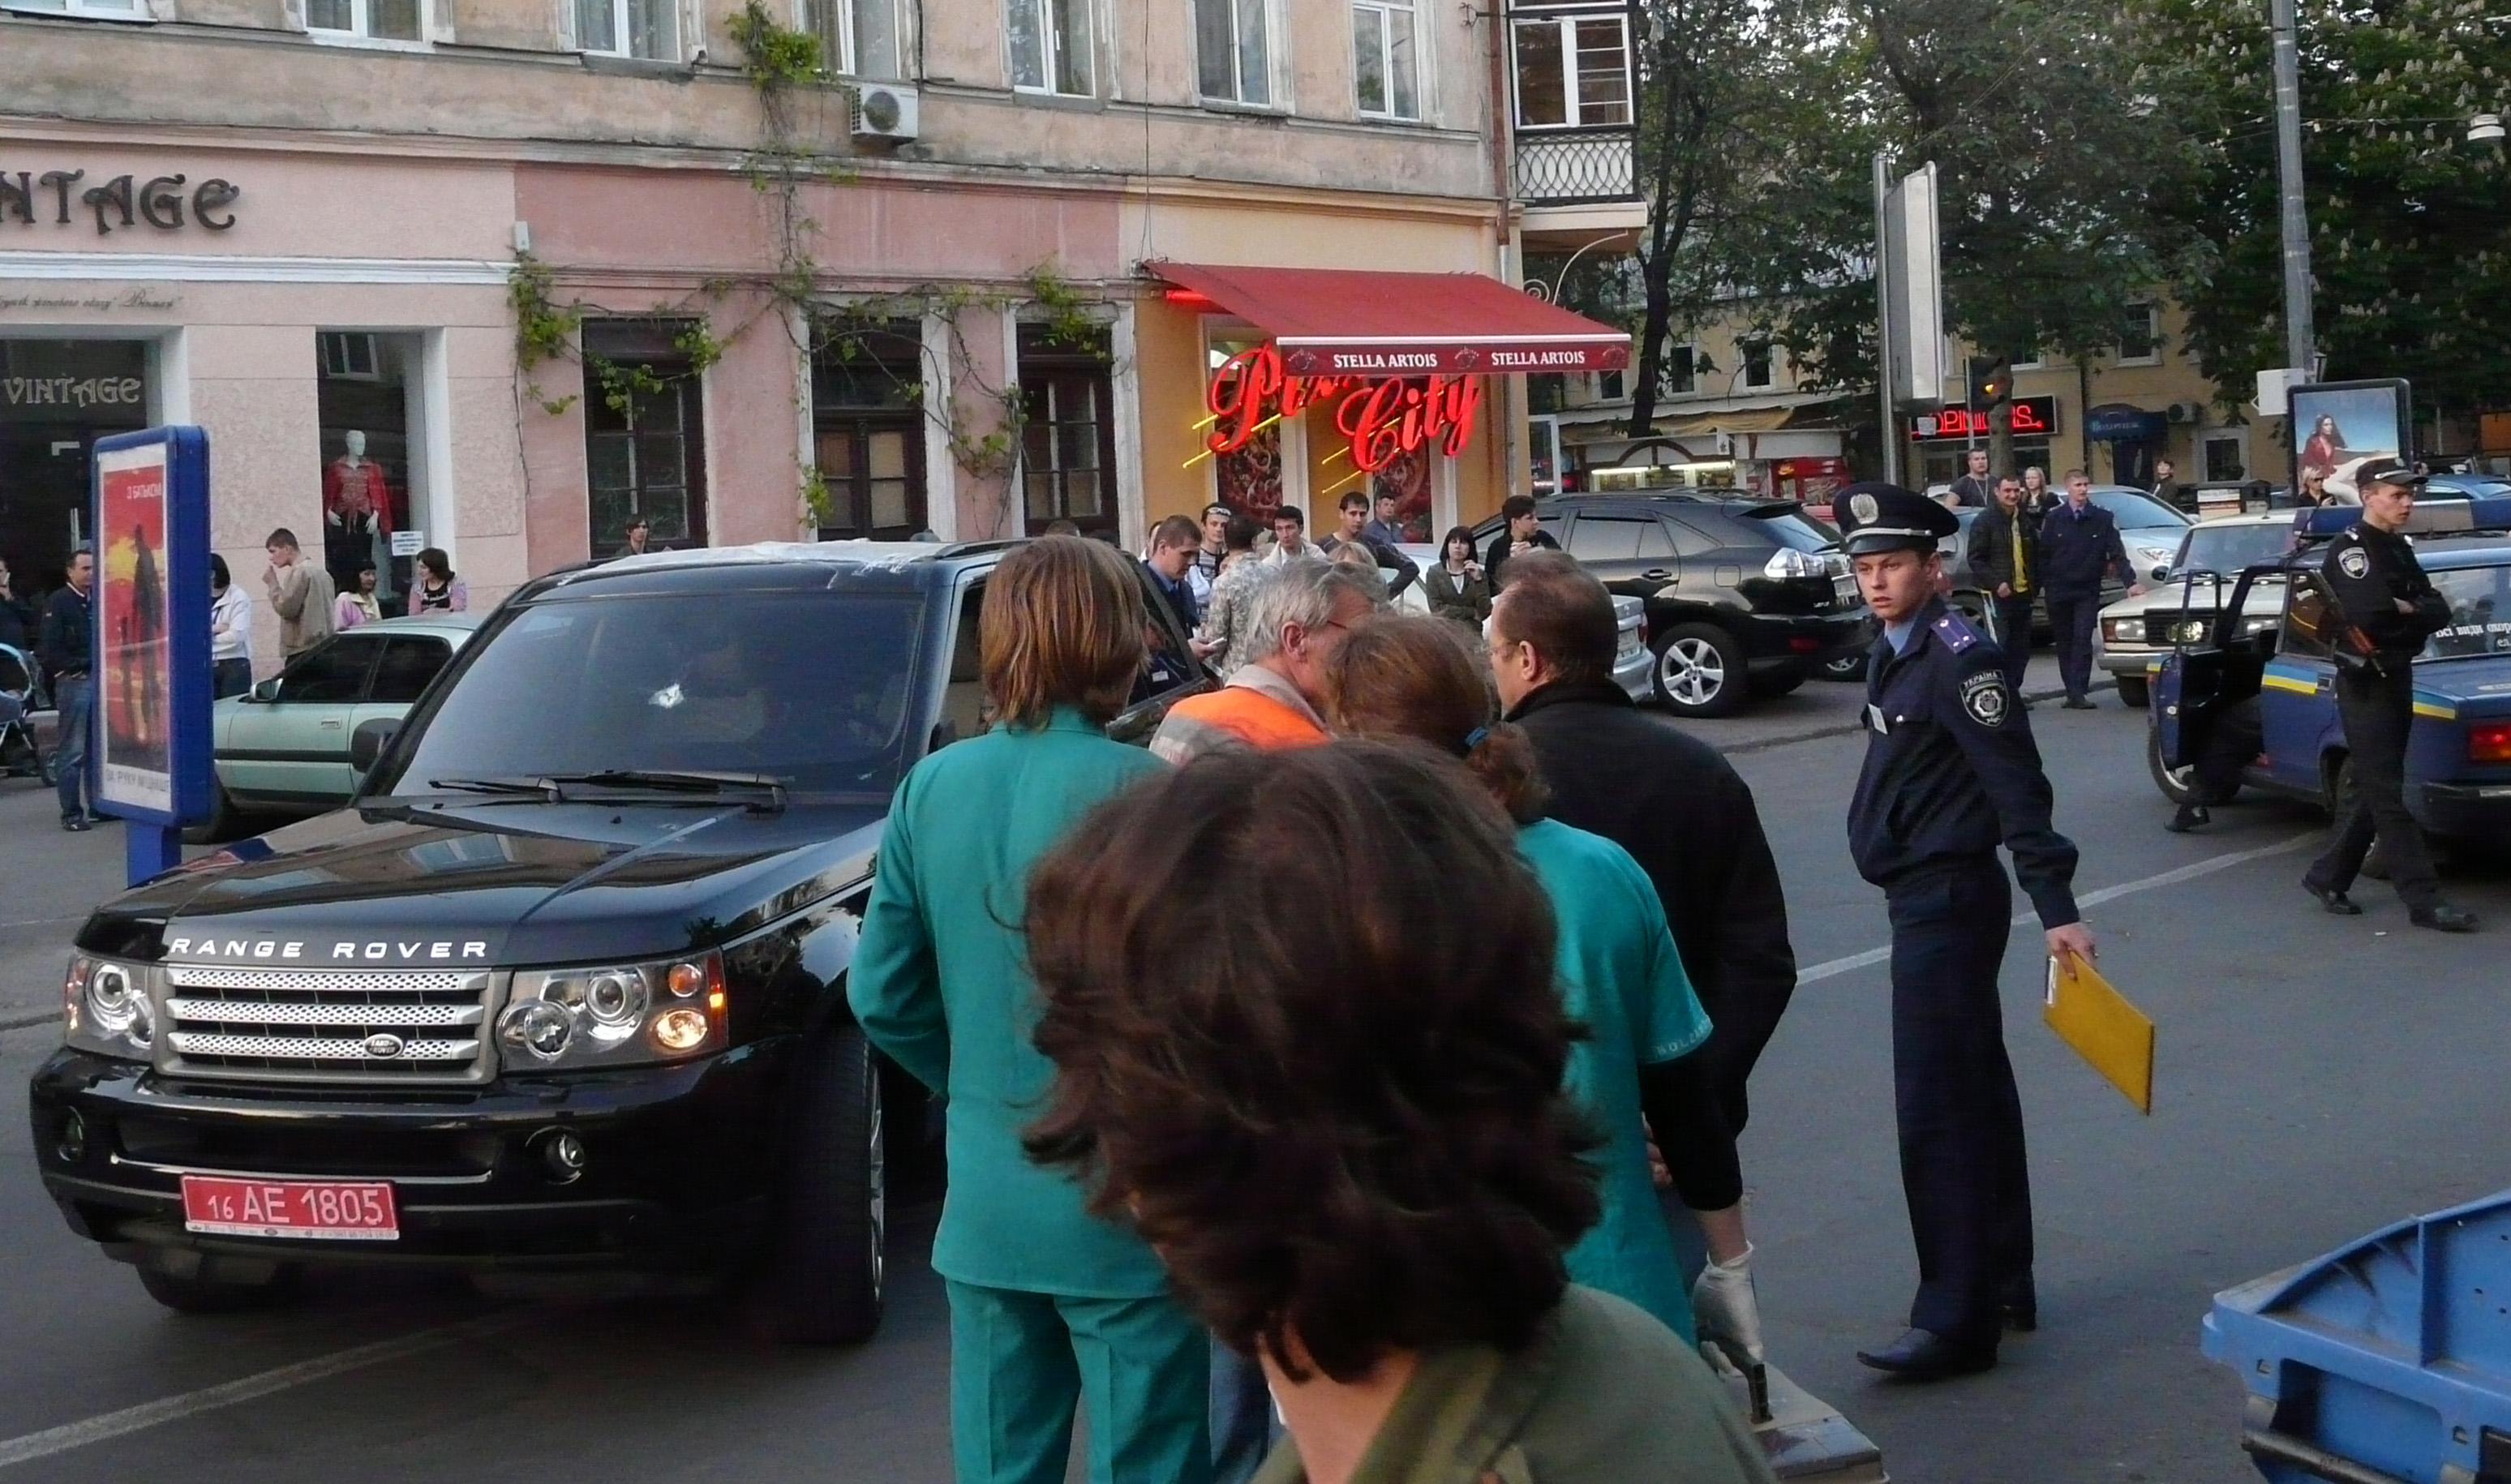 Odessa, Mitte Mai: Straßensperrung nach einer Schießerei 200 Meter entfernt vom Polizeirevier